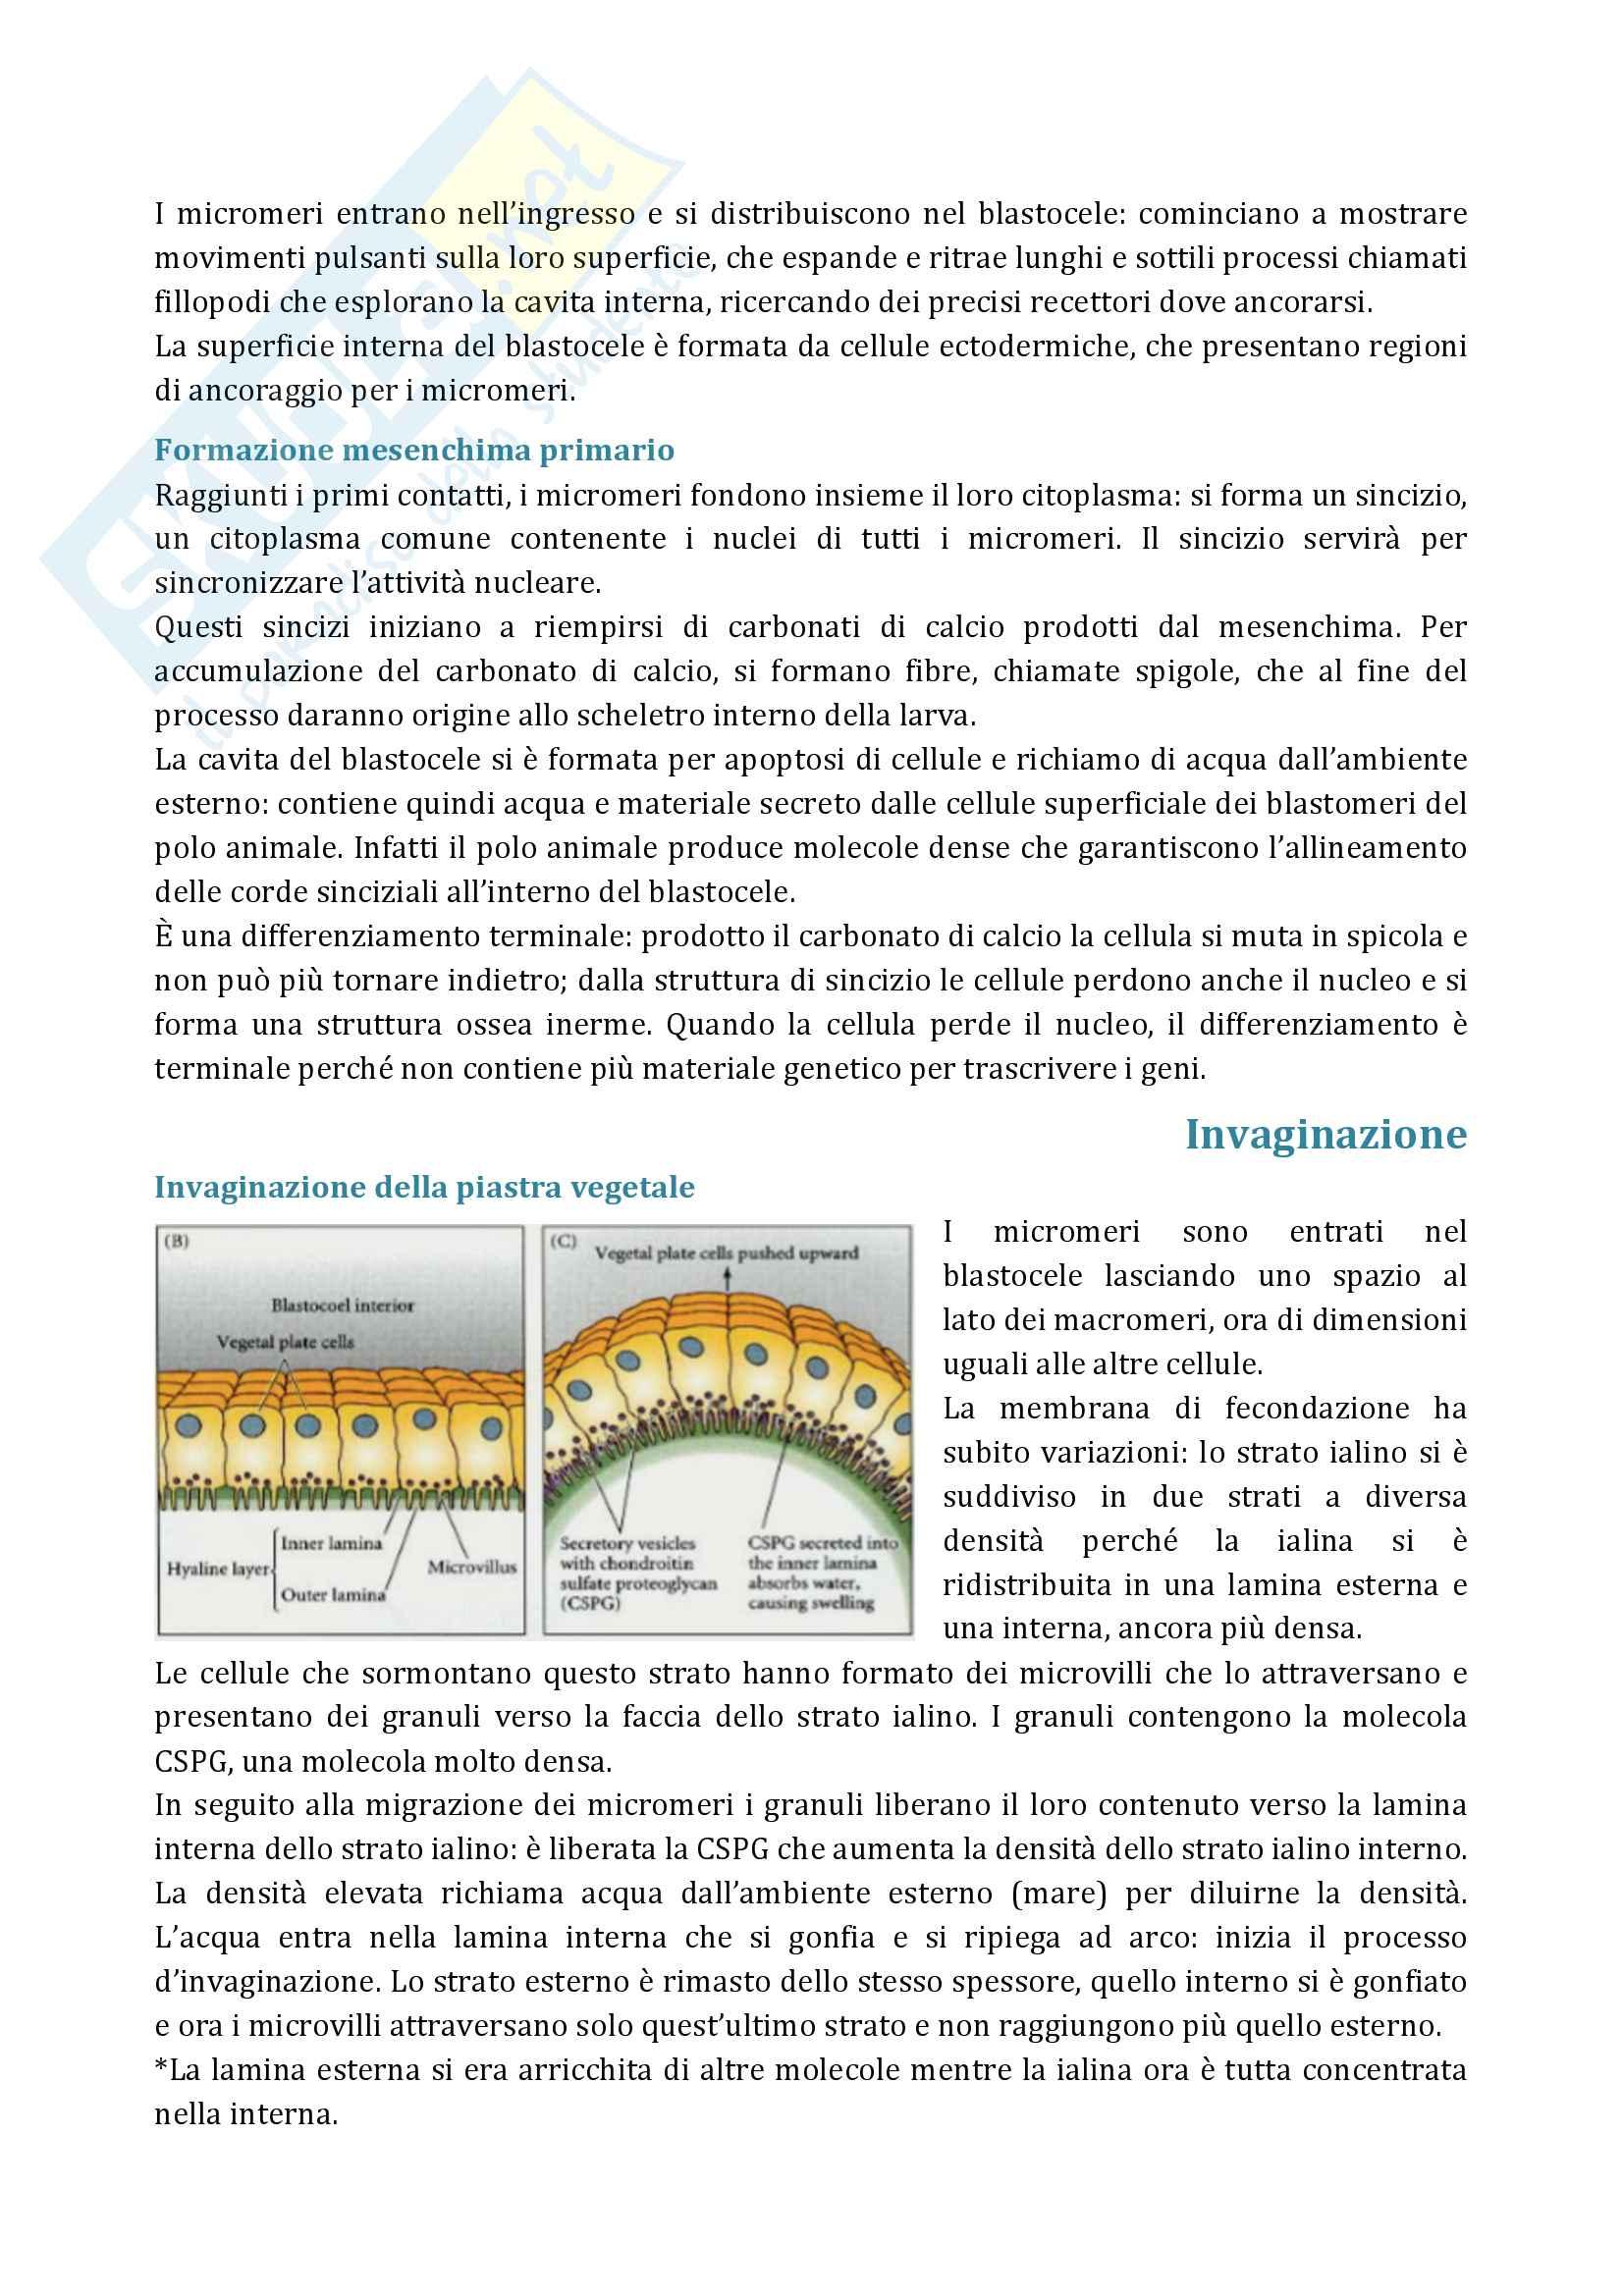 Segmentazione e gastrulazione Pag. 6